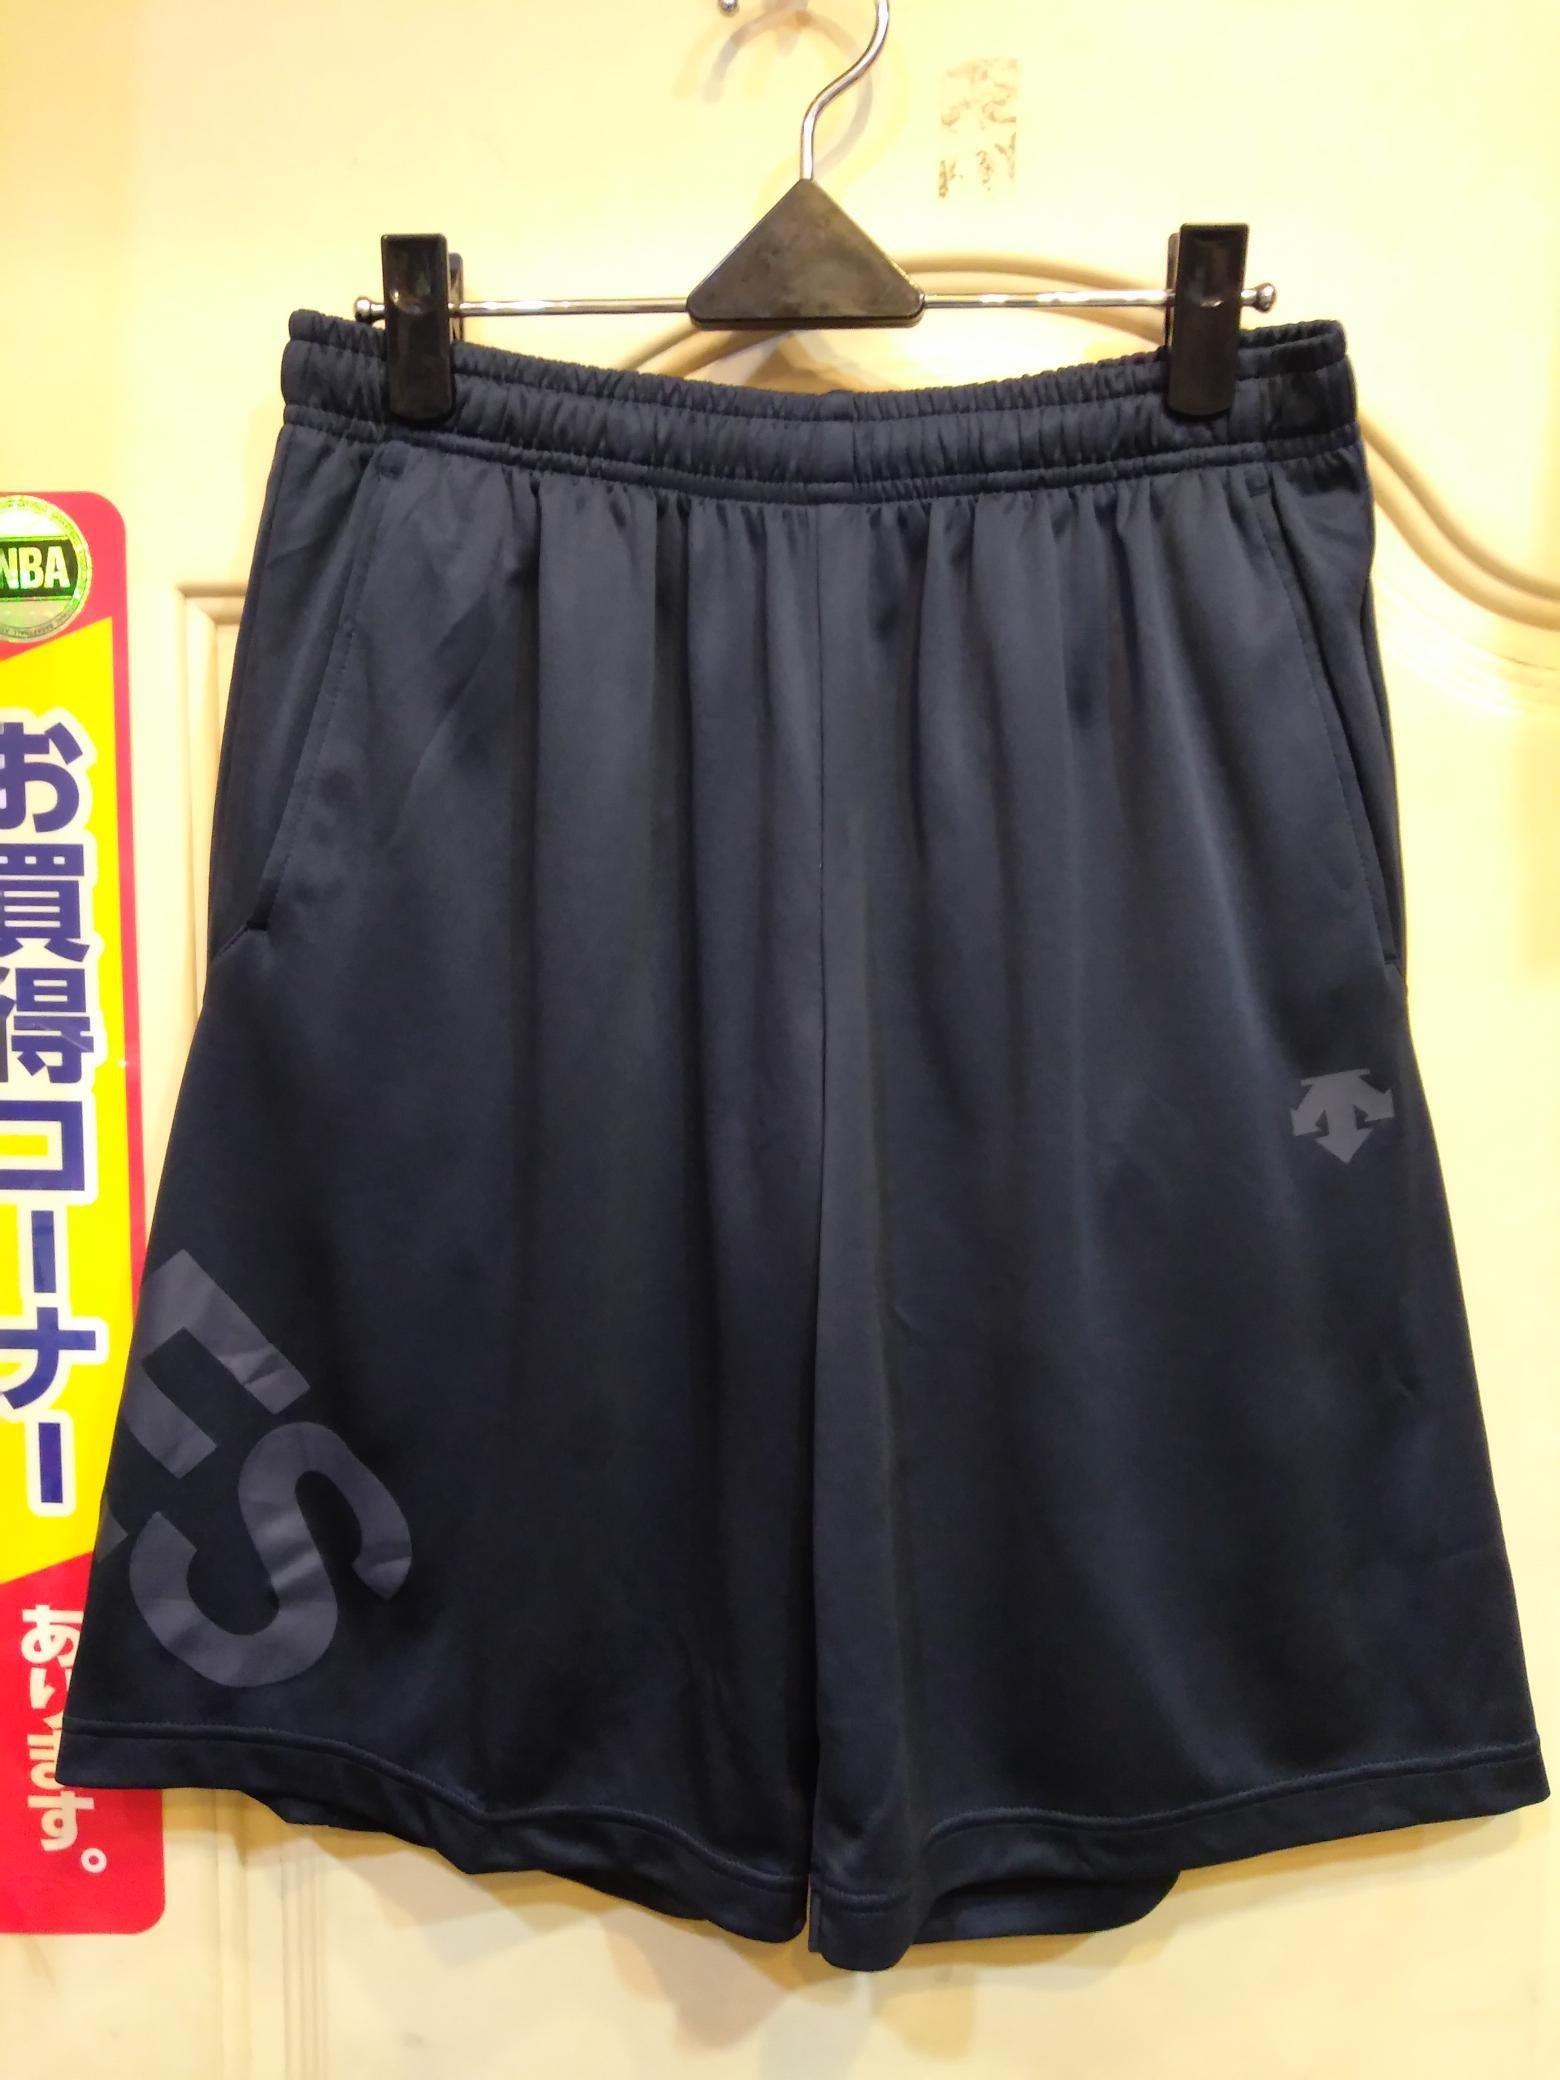 日本 DESCENTE 透氣排汗運動短褲 深藍色 大谷翔平代言 訓練時著用 緯來極限體能王  日職 韓職 多位選手著用